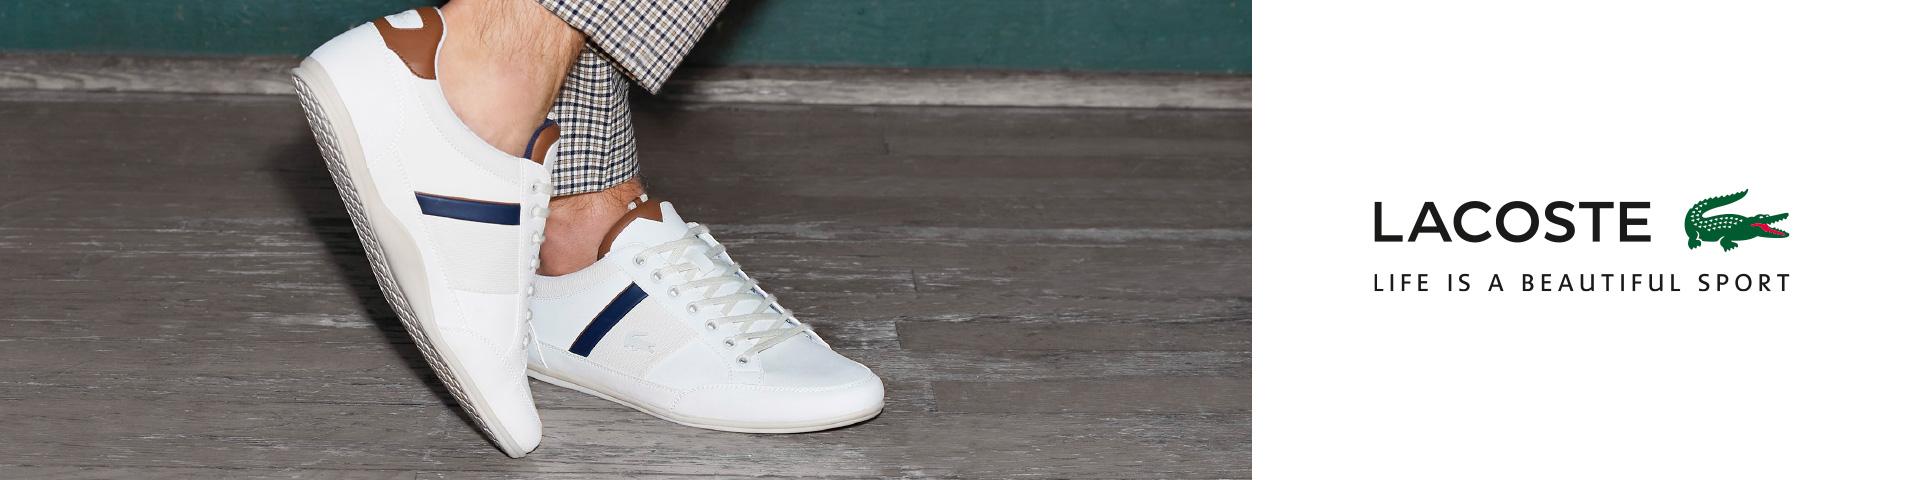 Chaussures homme Lacoste   Large choix en ligne sur Zalando d4f1621f480a